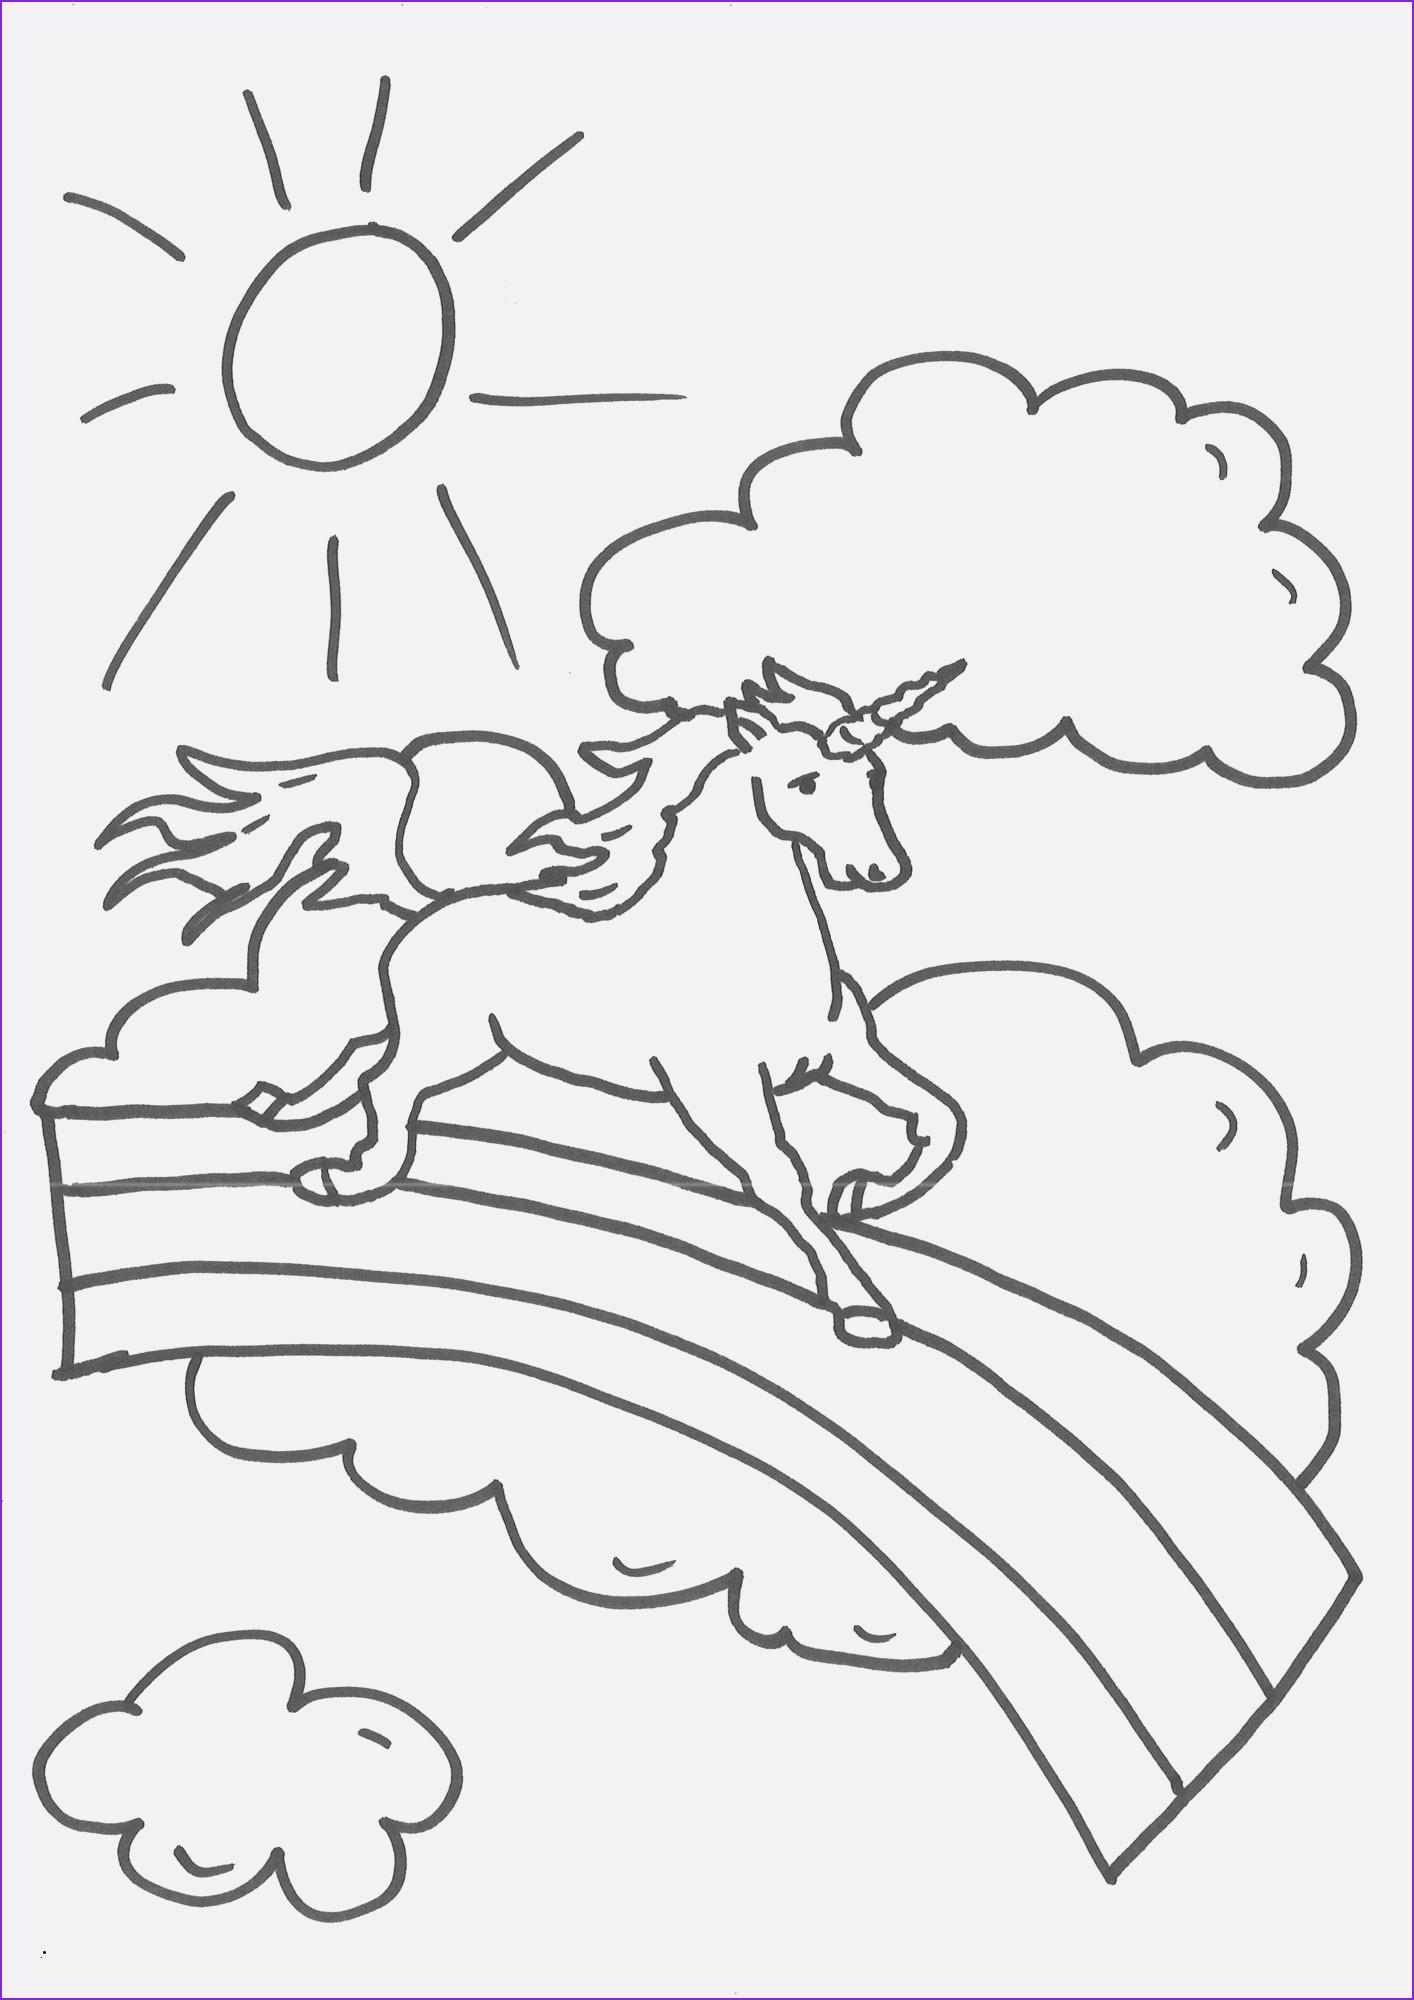 Ausmalbilder Prinzessin Mittelalter Genial Vorlage Einhorn Inspirierend 40 Beispiel Ausmalbilder Bqdd Sammlung